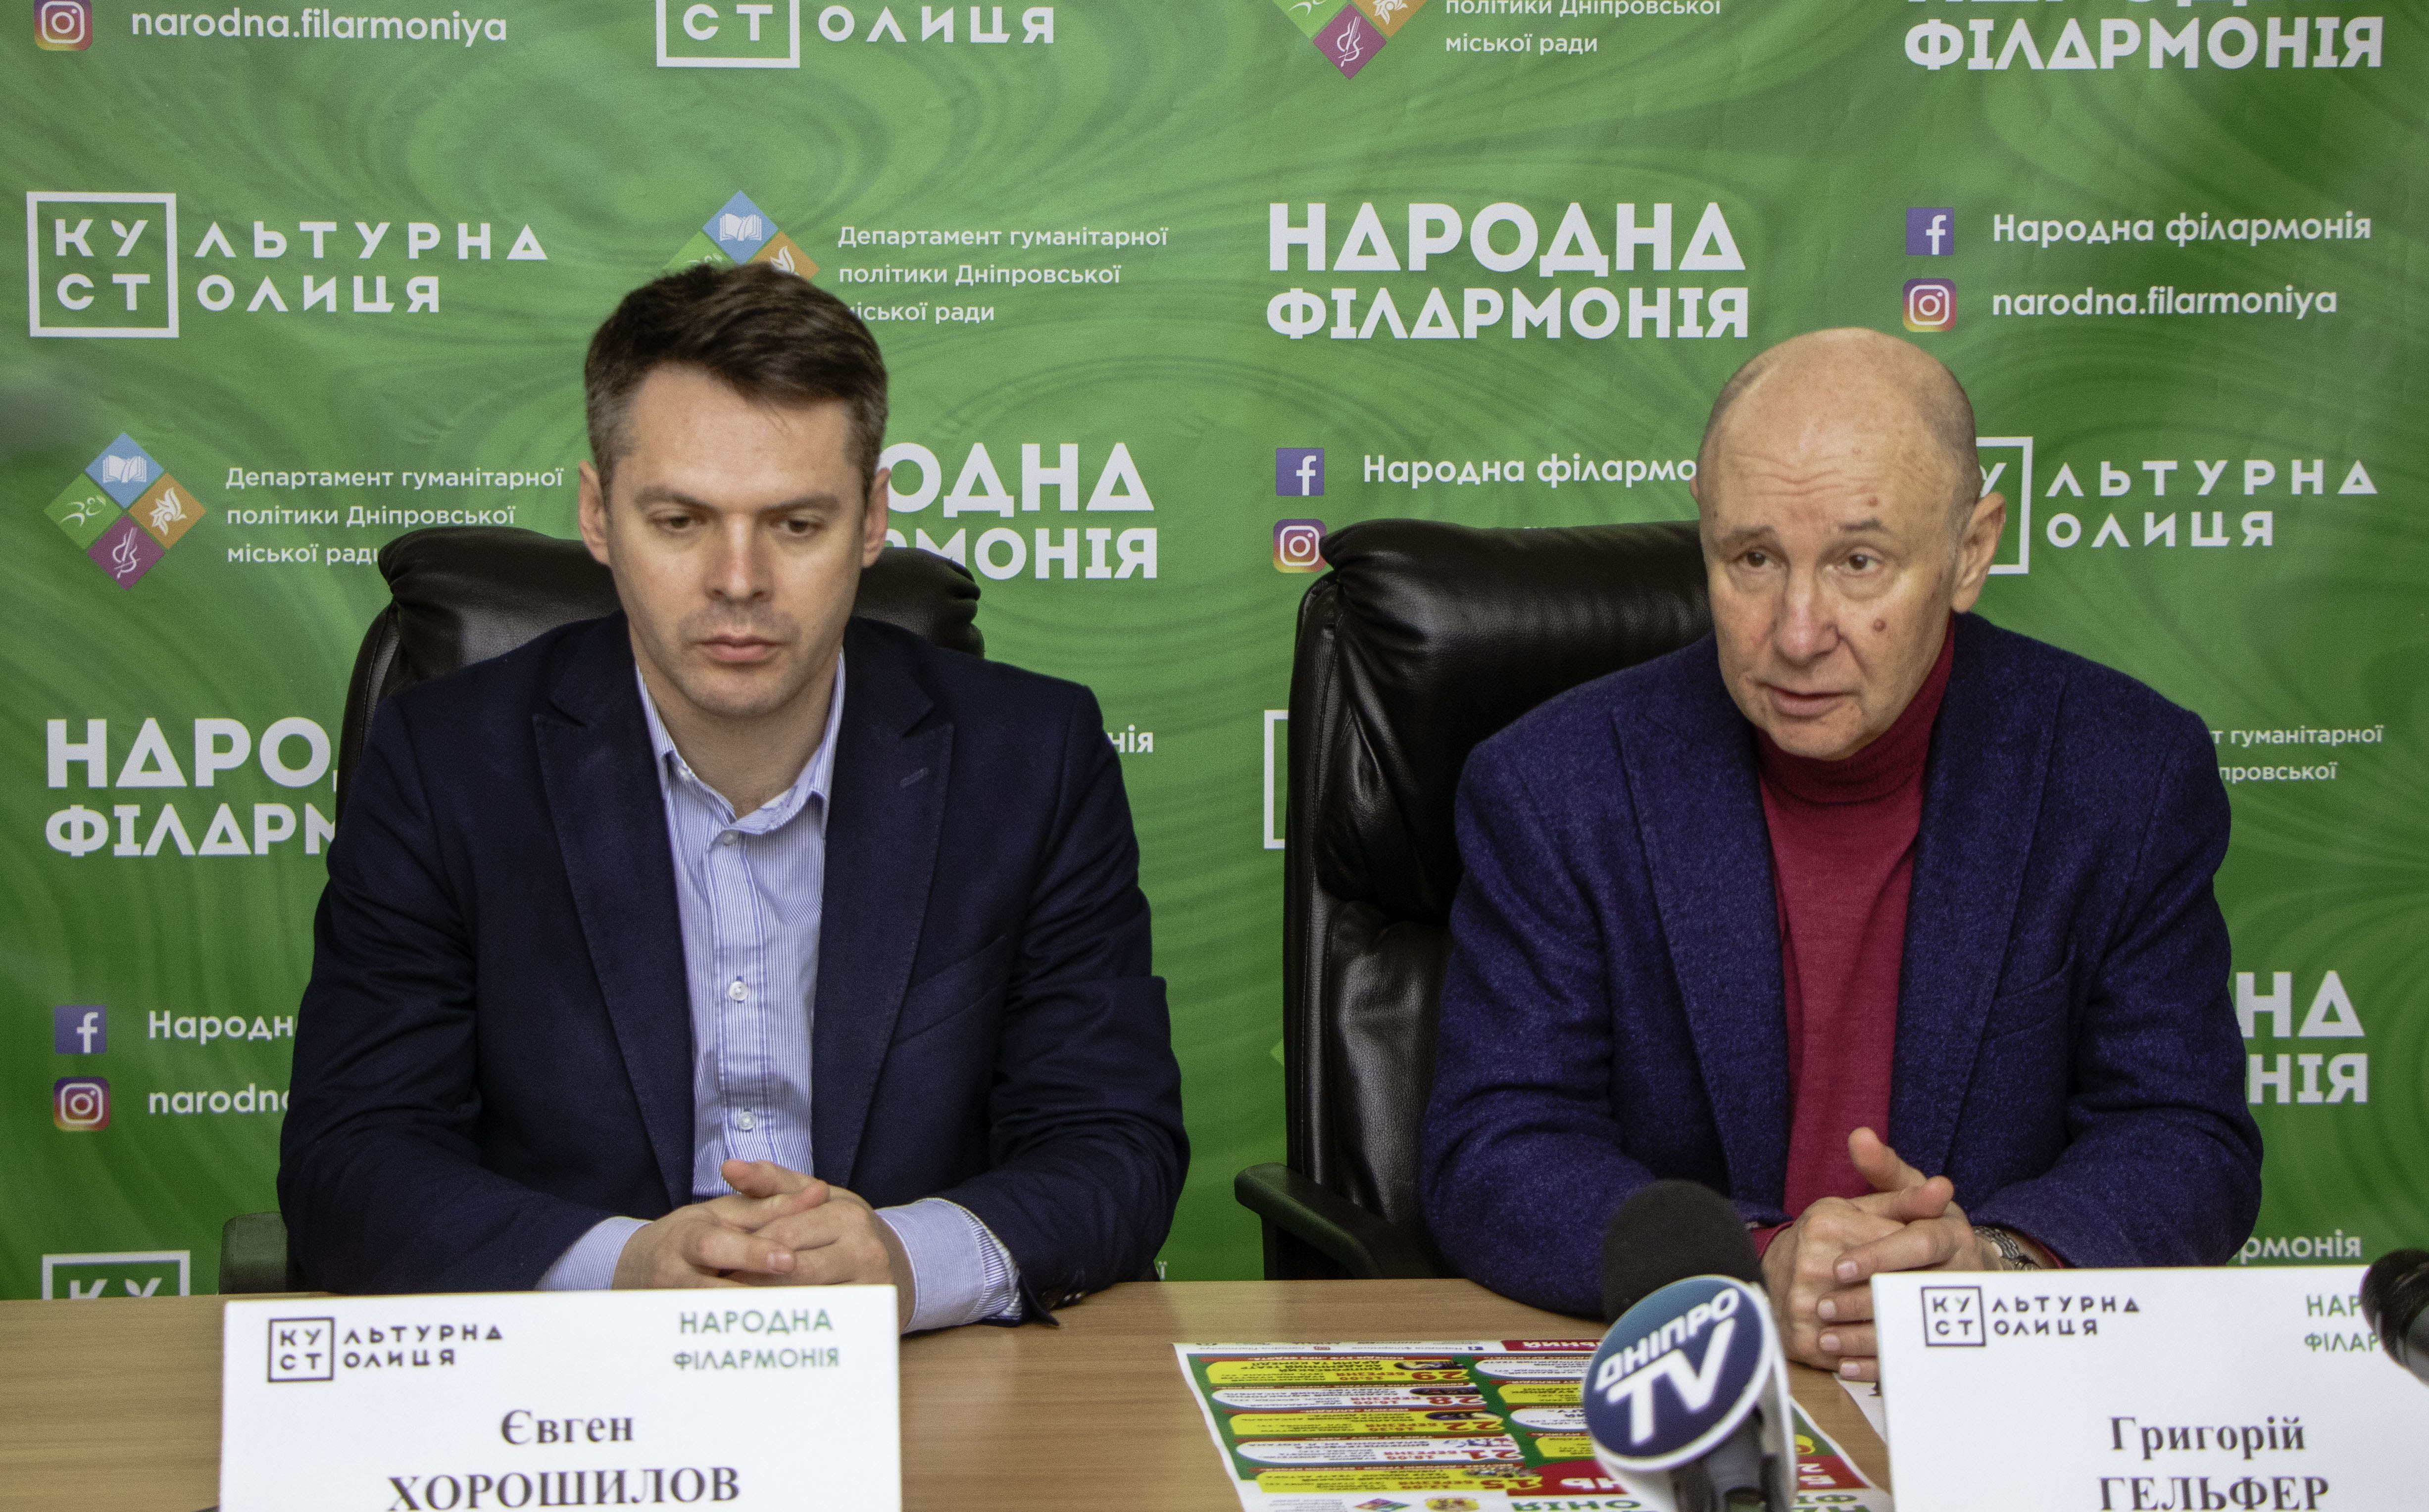 В Днепре стартует новый сезон «Народной филармонии». Новости Днепра